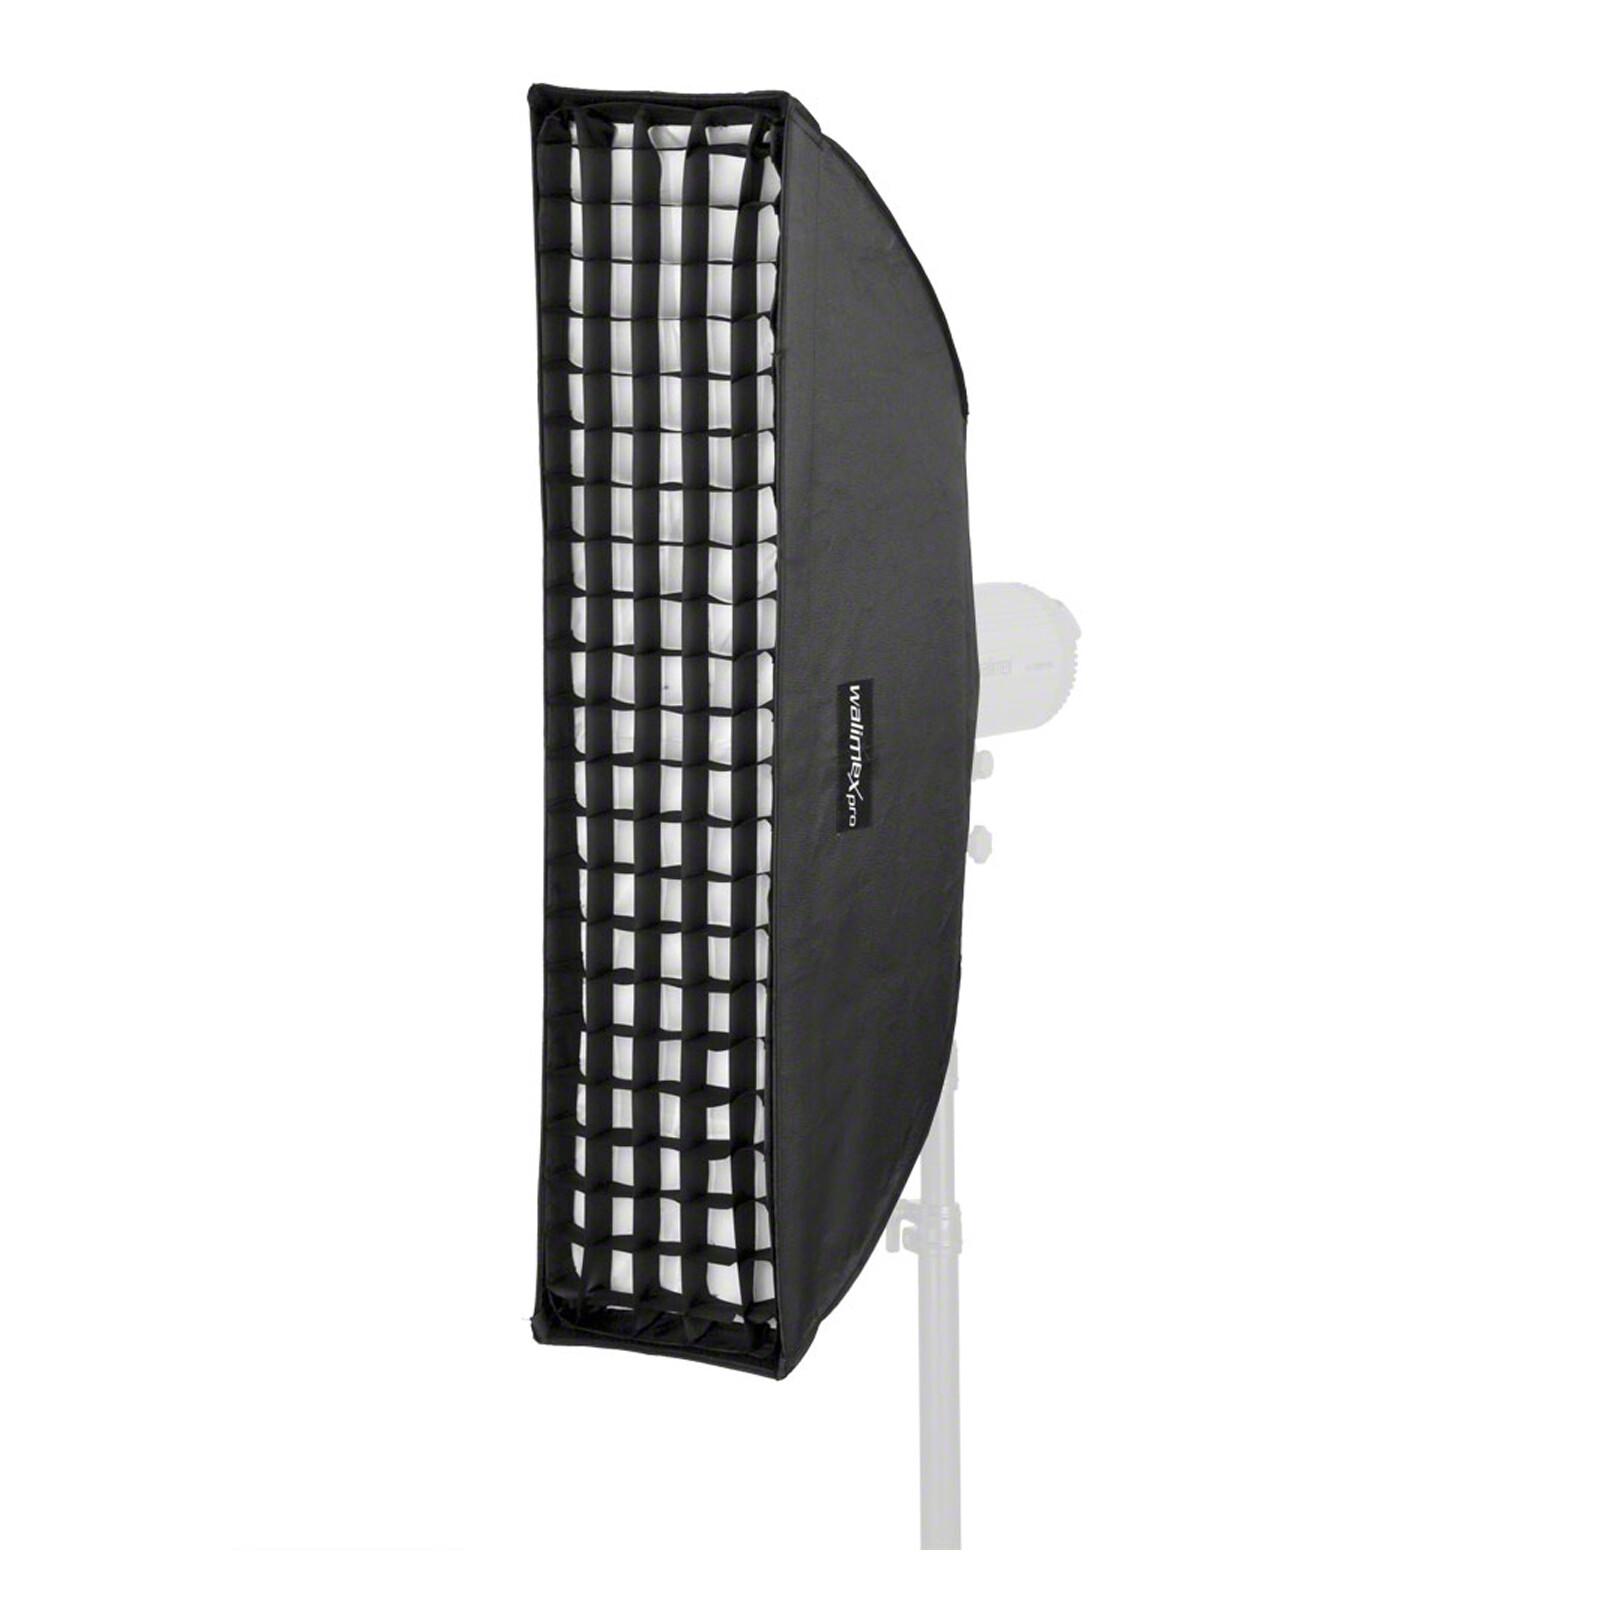 walimex pro Striplight PLUS 25x90cm für Elinchrom